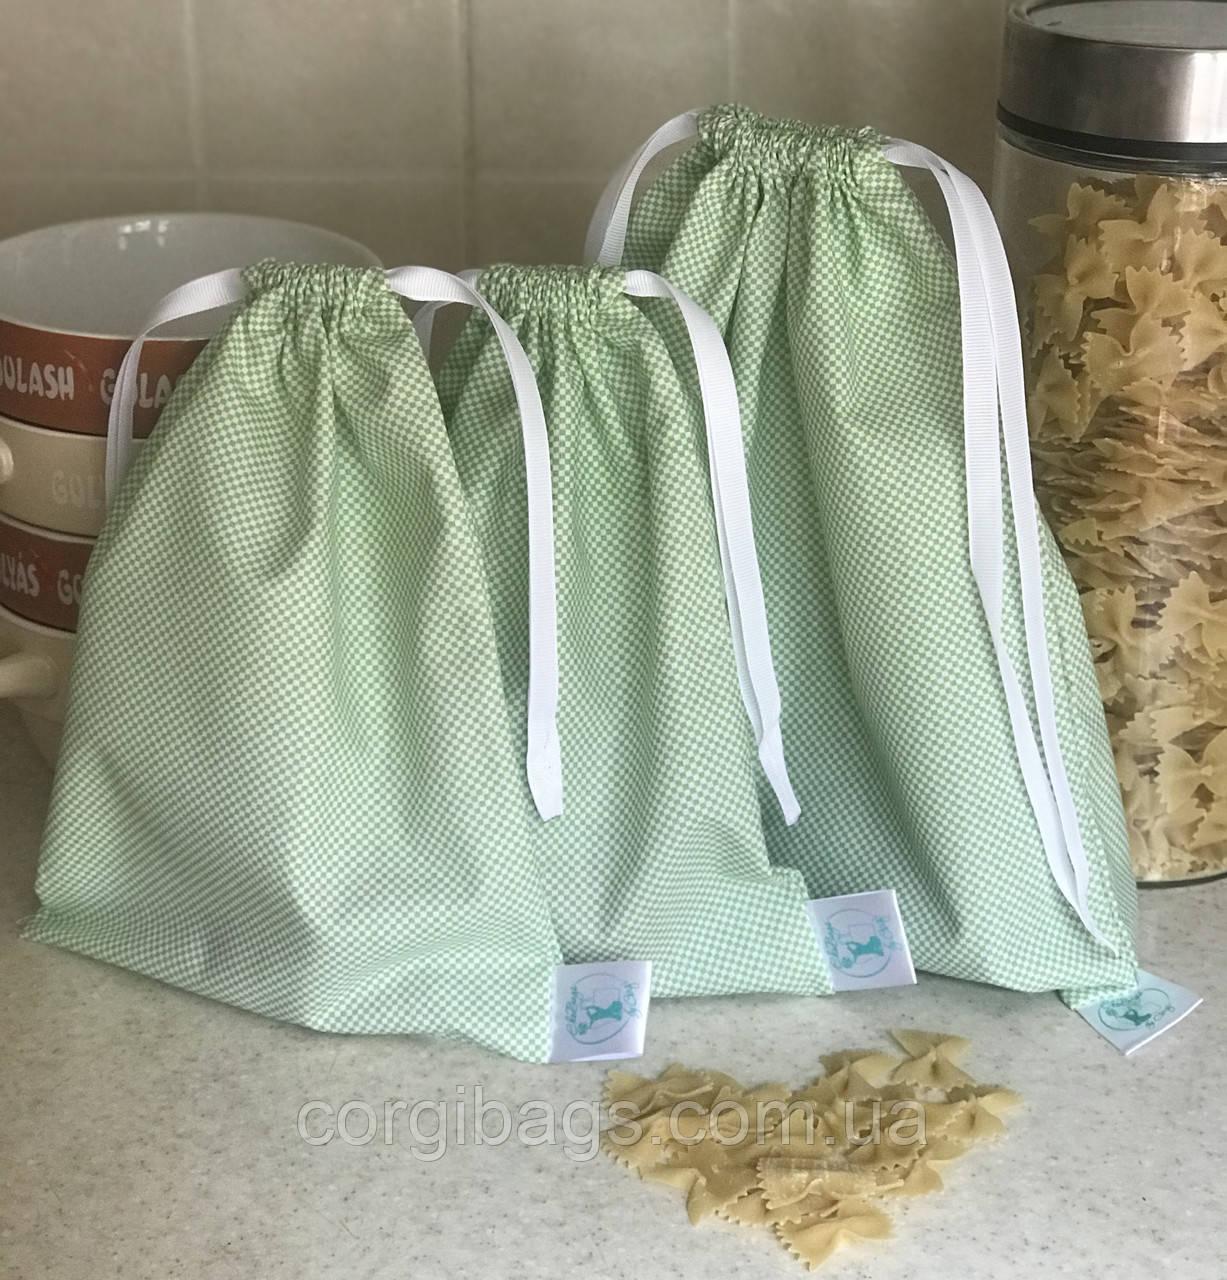 Многоразовые мешочки из хлопка, мешочки для хранения продуктов, мешочки для подарков, зеленые, набор 3 шт